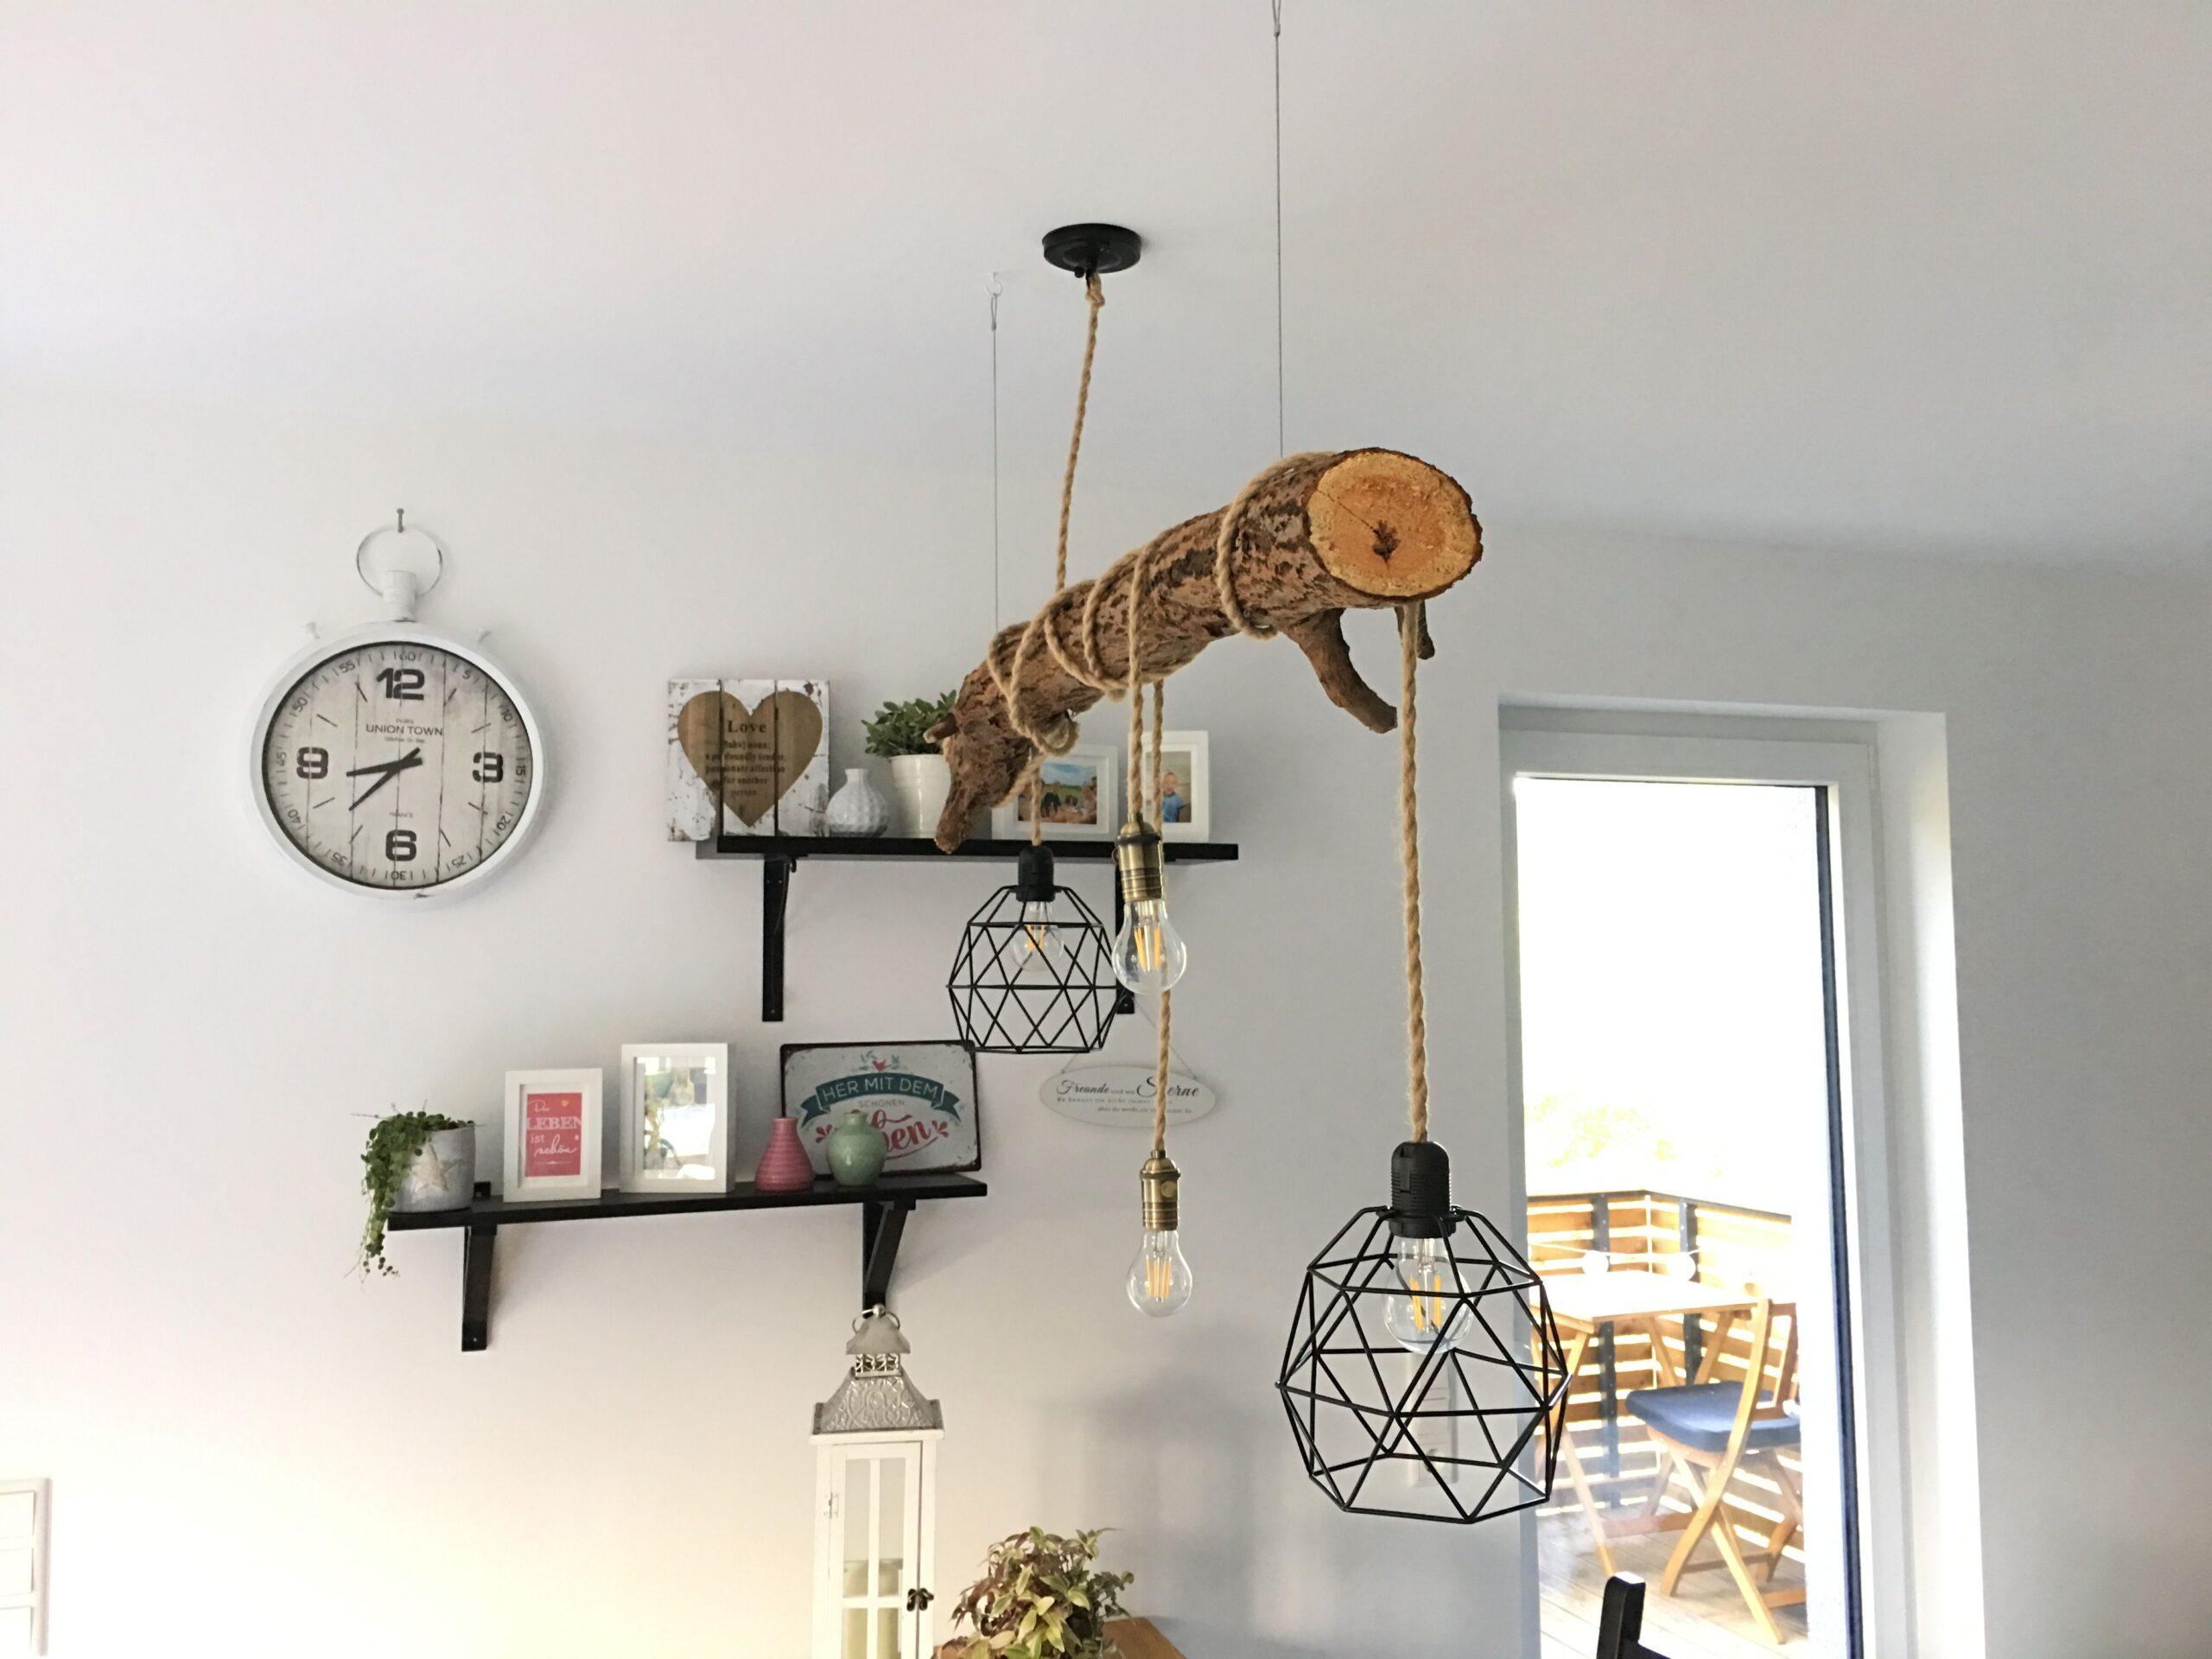 Full Size of Led Lampe Holz Ast Esstisch Diy Wood Lampen Wohnzimmer Anbauwand Massivholz Ausziehbar Board Deckenlampe Heizkörper Holzregal Küche Bad Betten Deckenlampen Wohnzimmer Wohnzimmer Lampe Holz